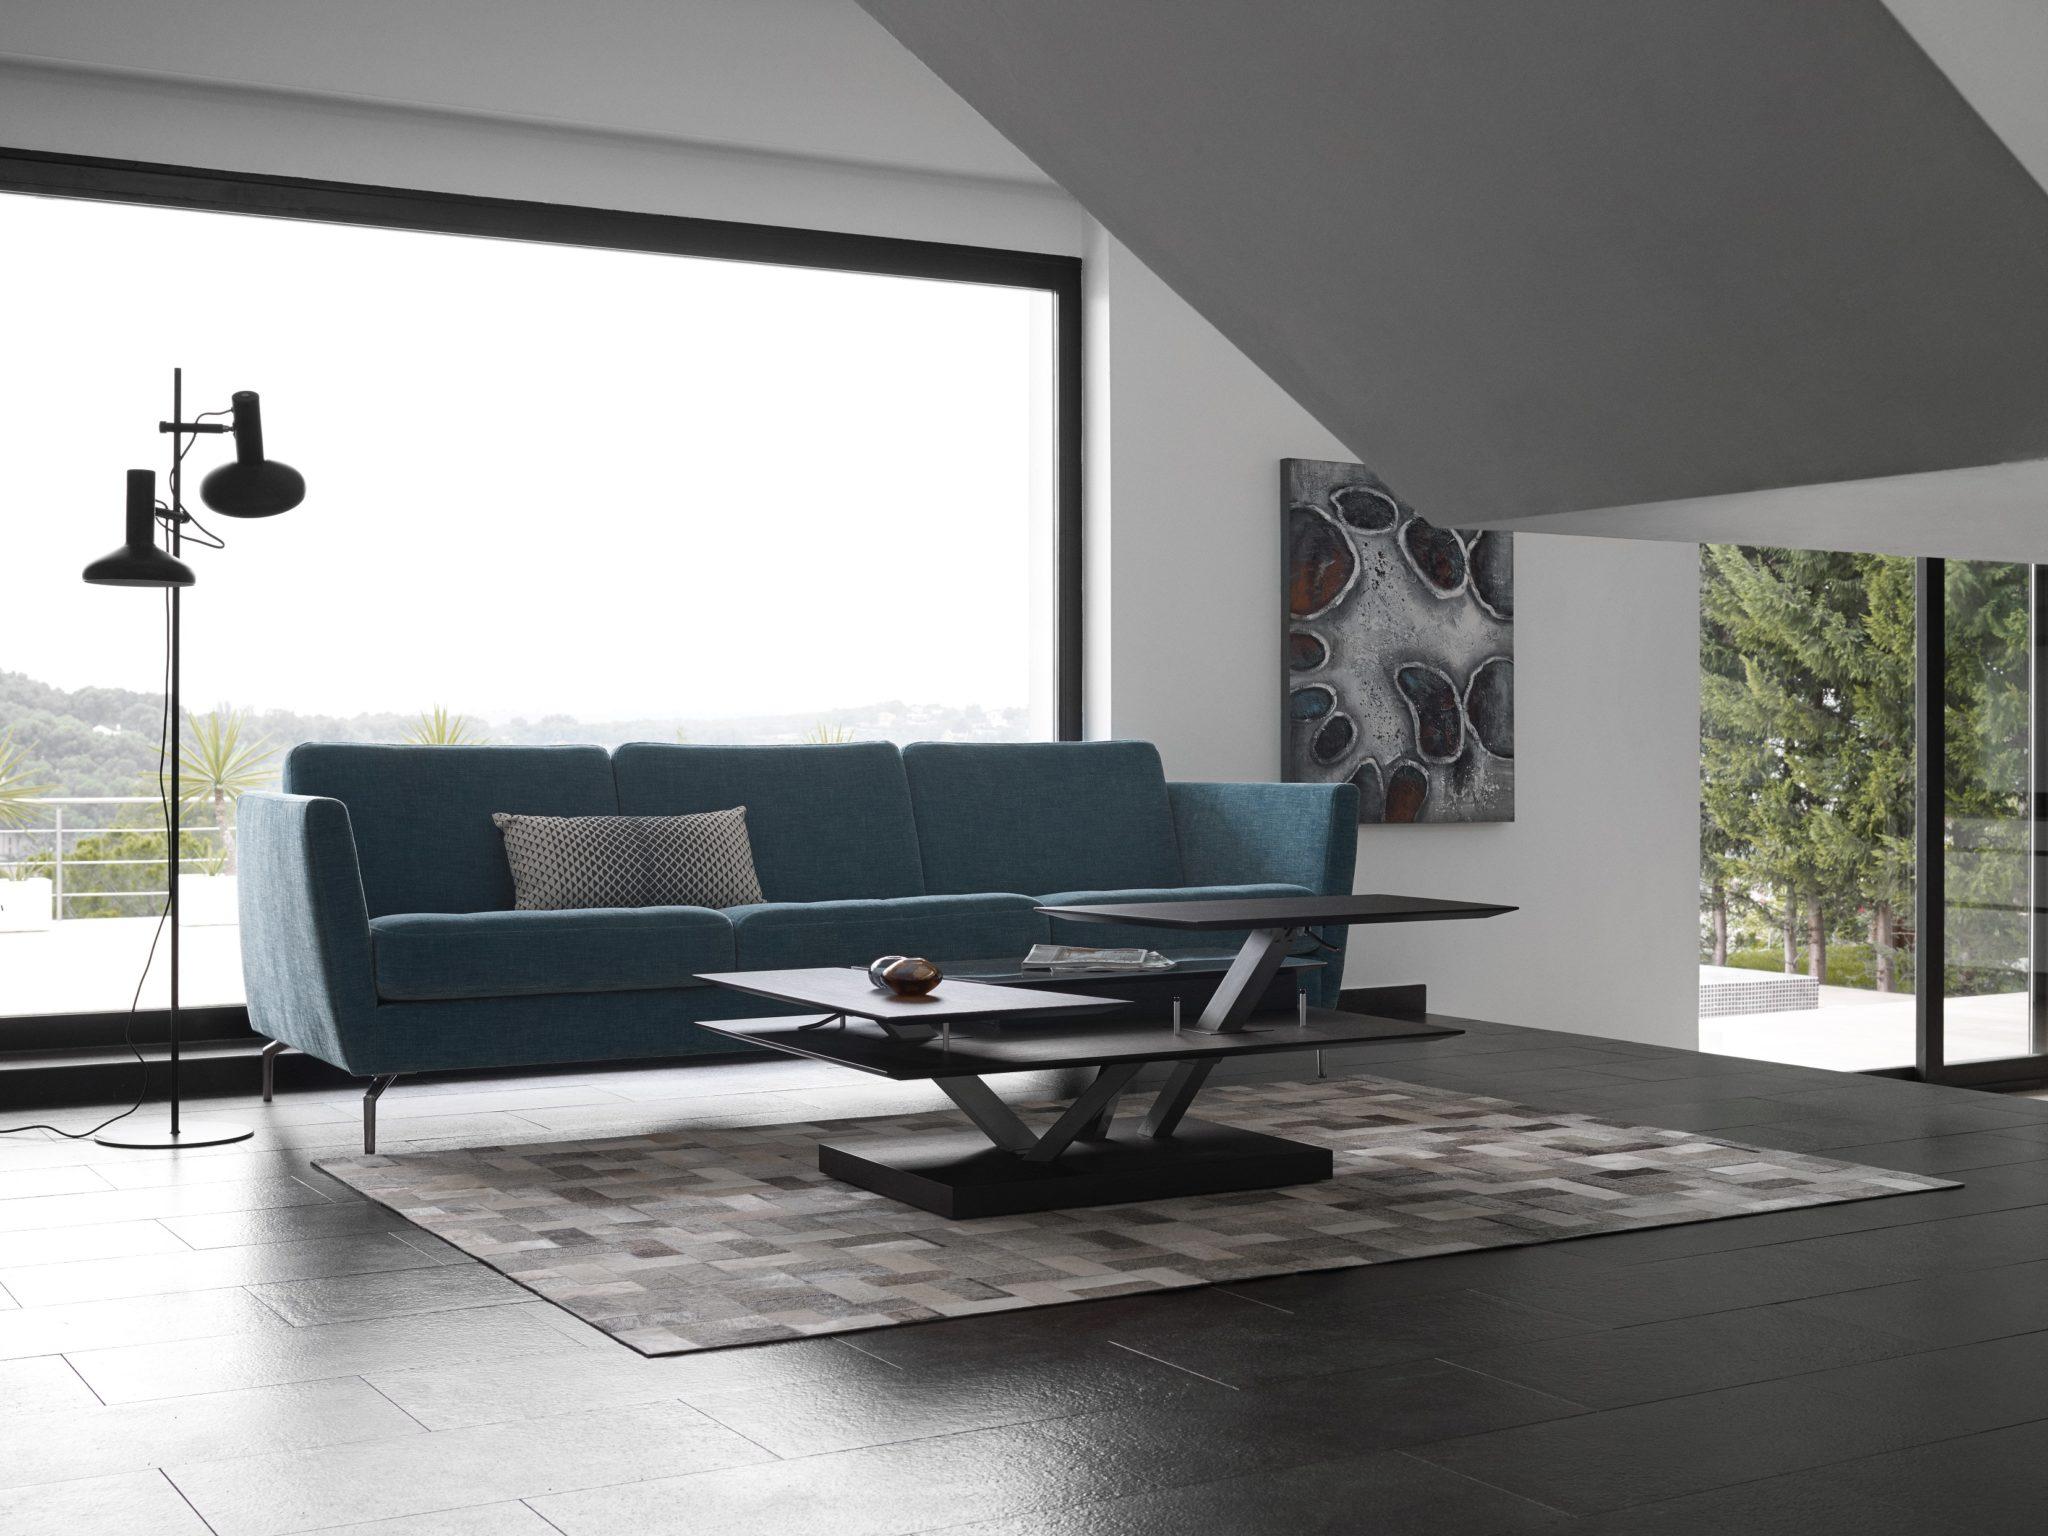 mads mikkelsen dans un film bo concept. Black Bedroom Furniture Sets. Home Design Ideas